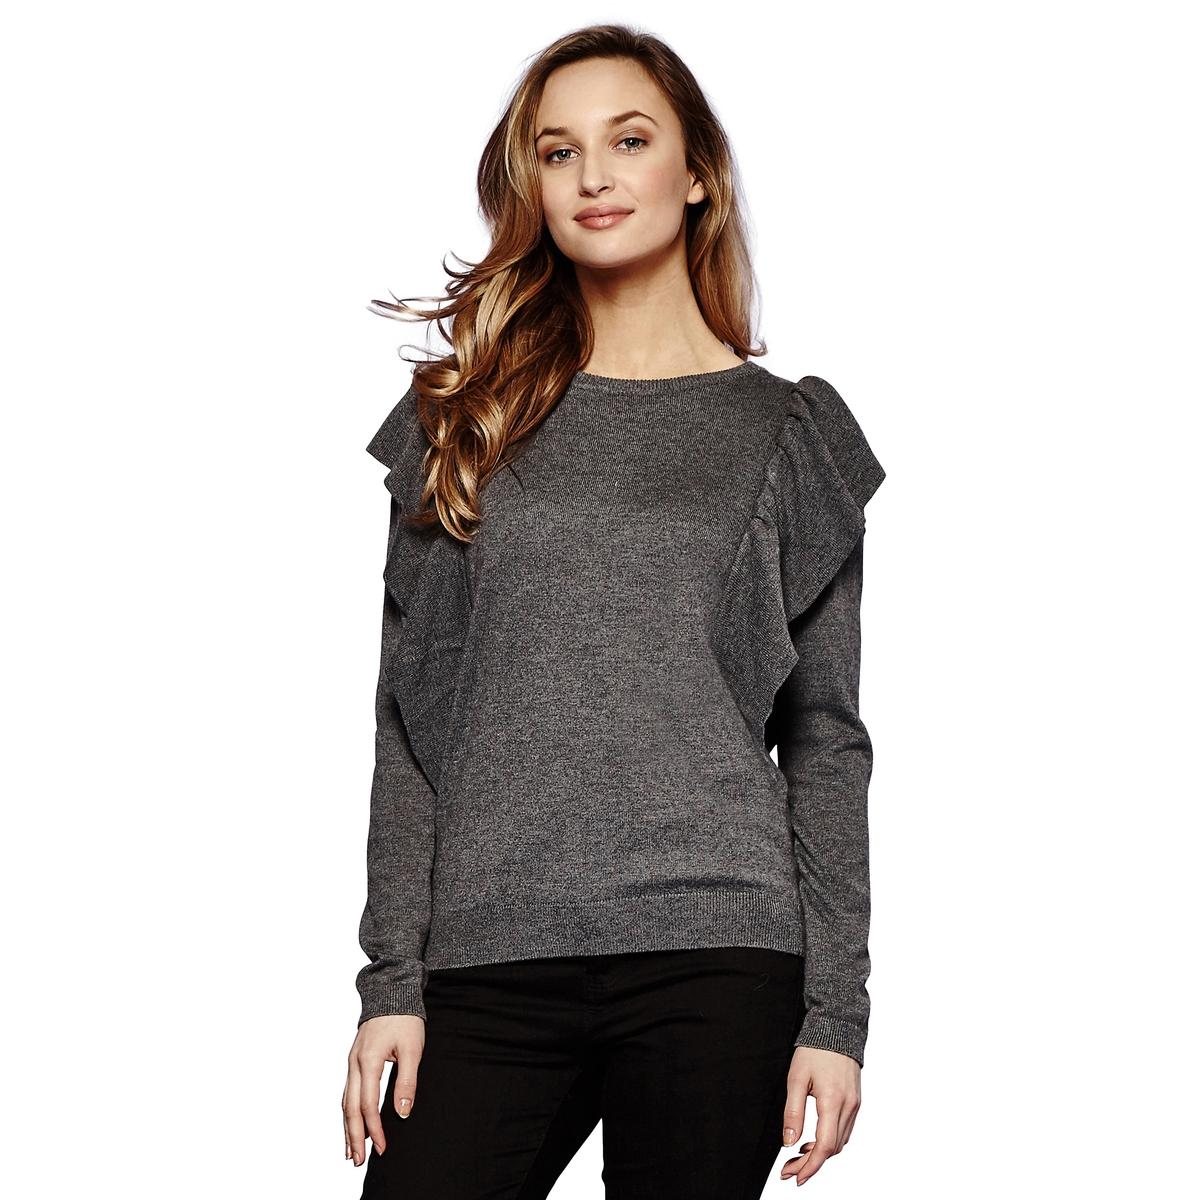 Sweter z okrągłym dekoltem z  dzianiny o cienkim splocie